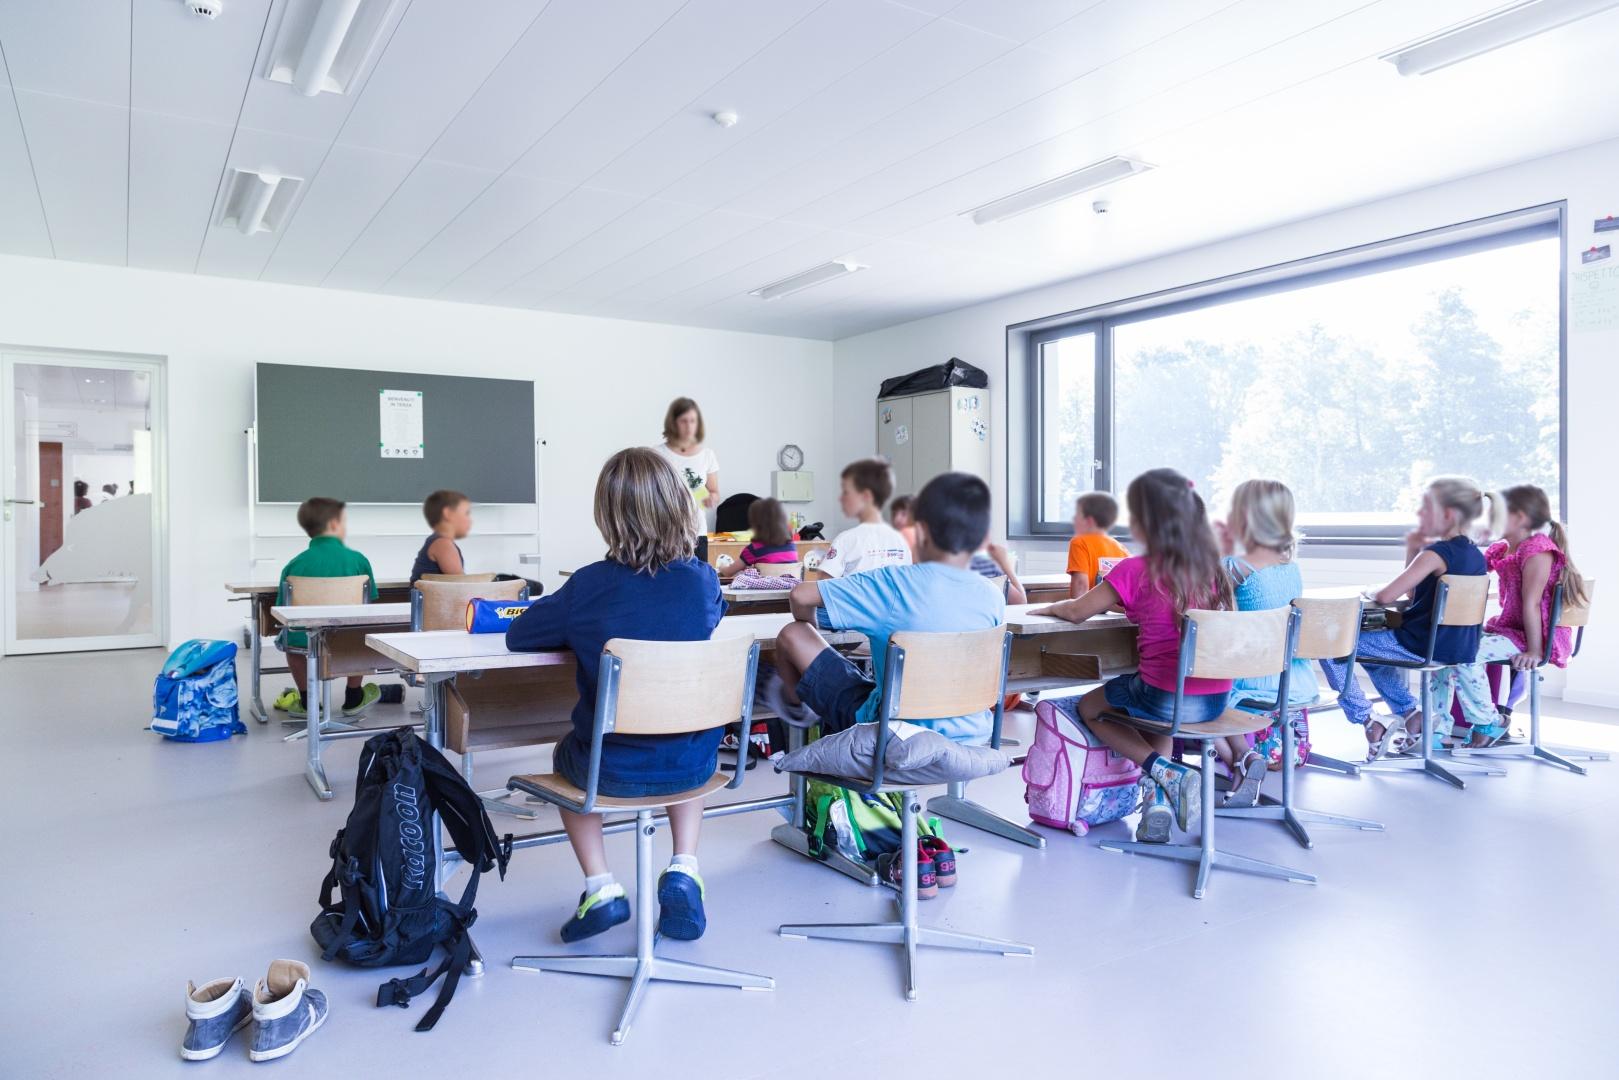 aula di classe © Buletti Fumagalli e Associati sagl